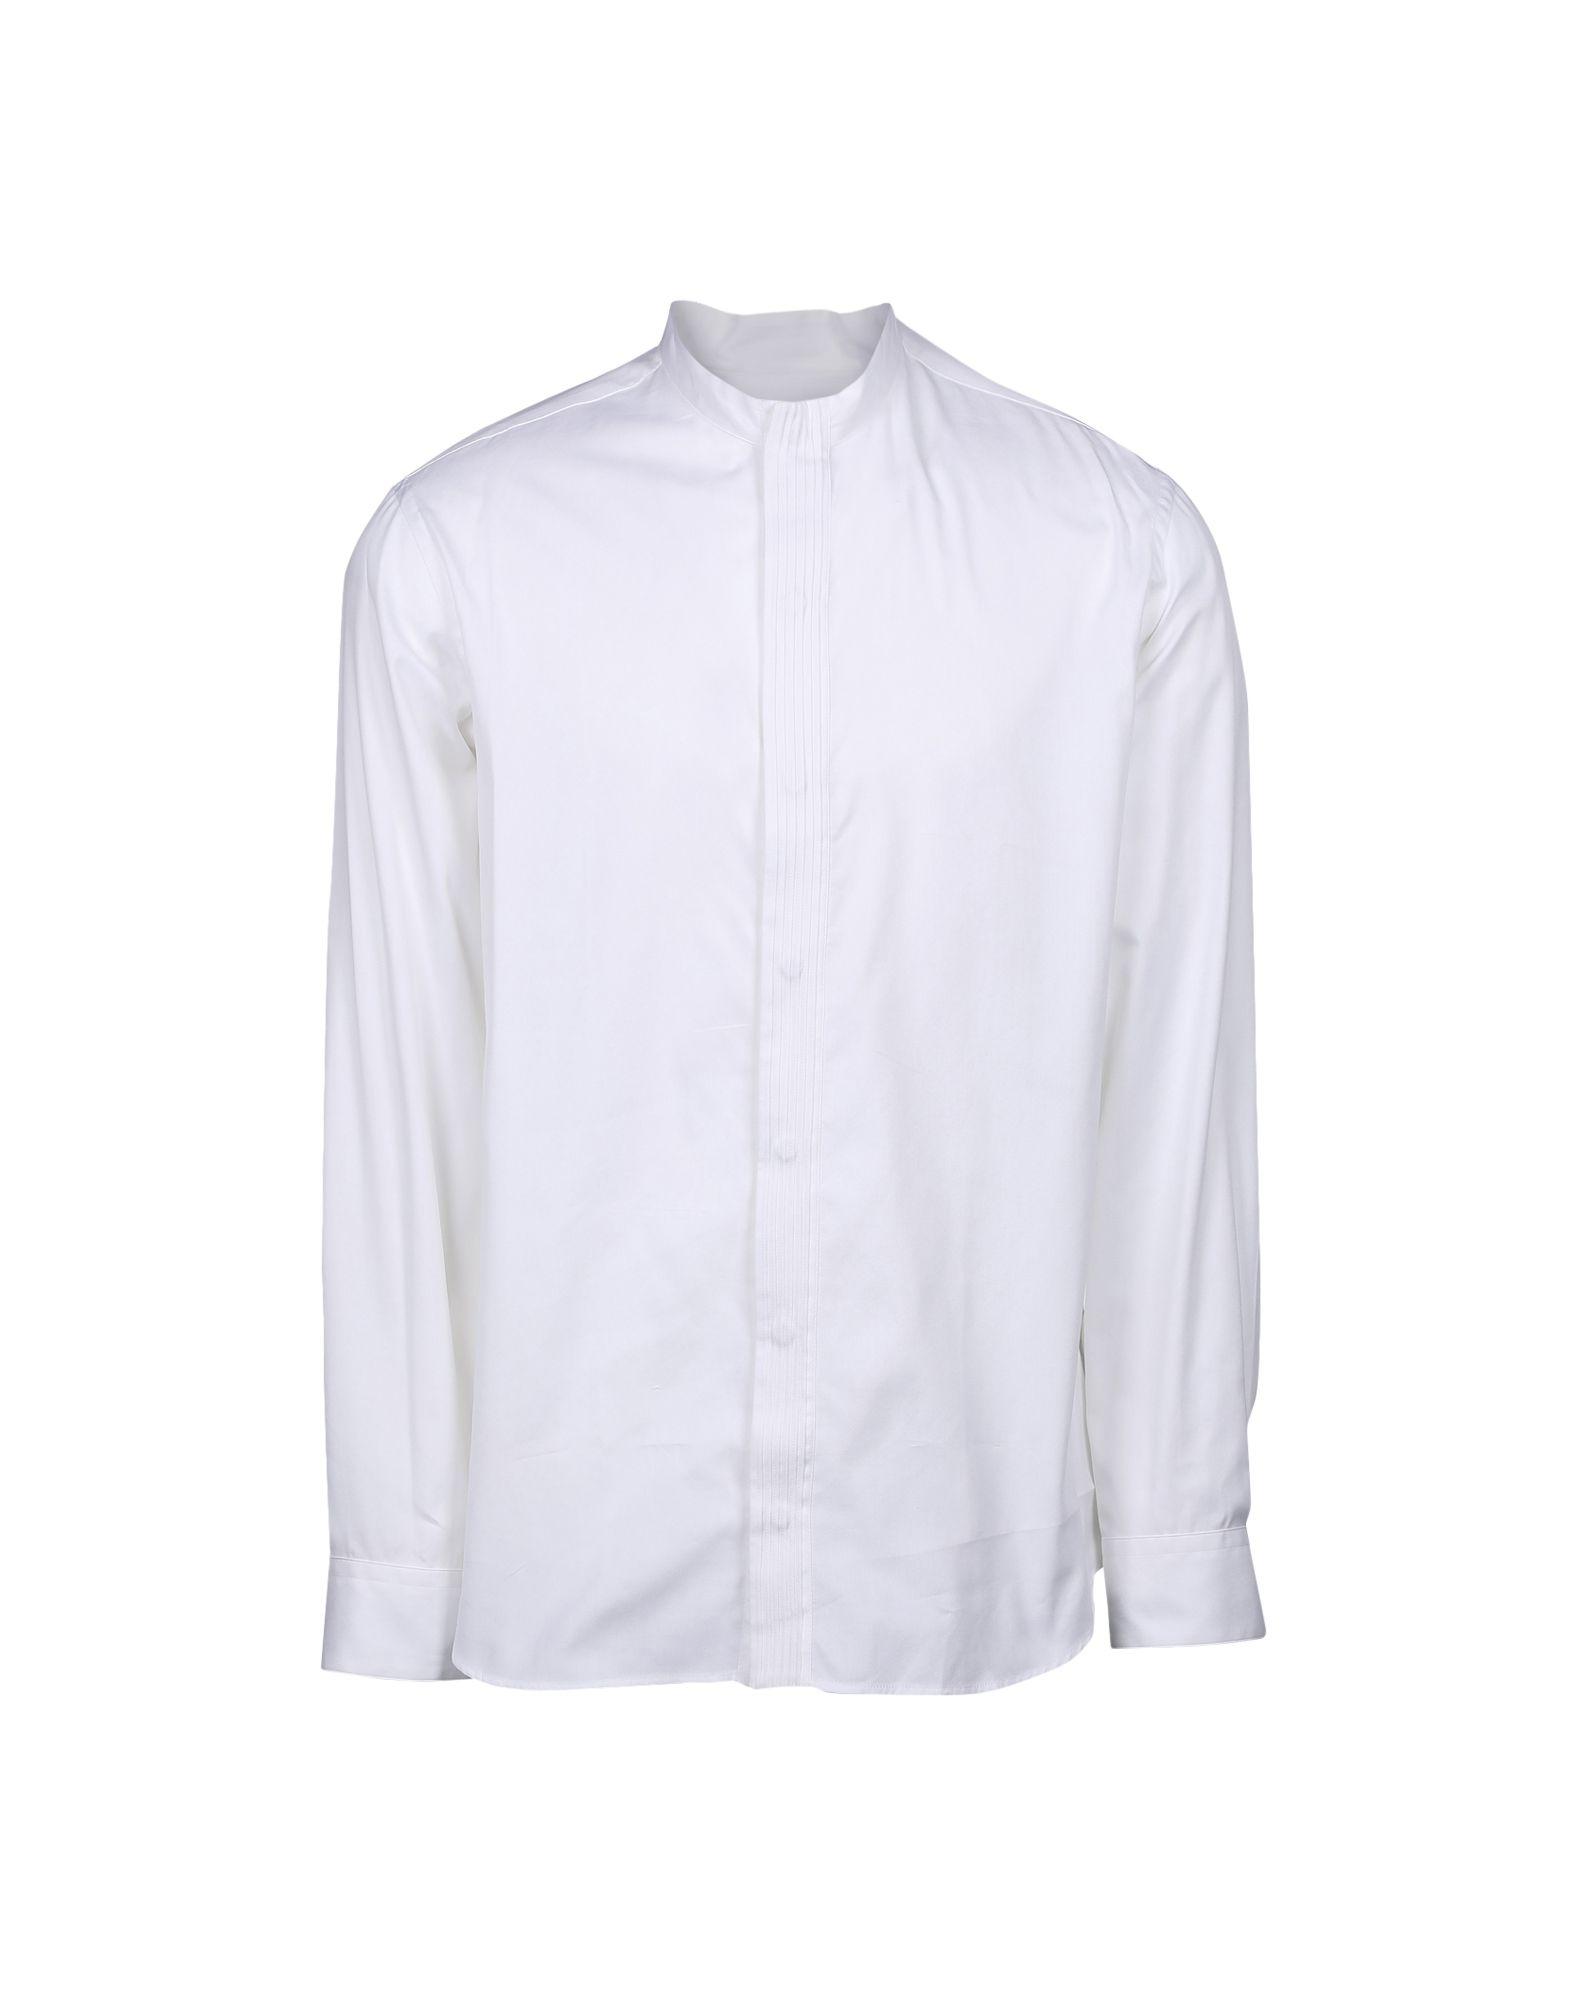 6422fd67c4 Buy armani shirts for men - Best men's armani shirts shop - Cools.com